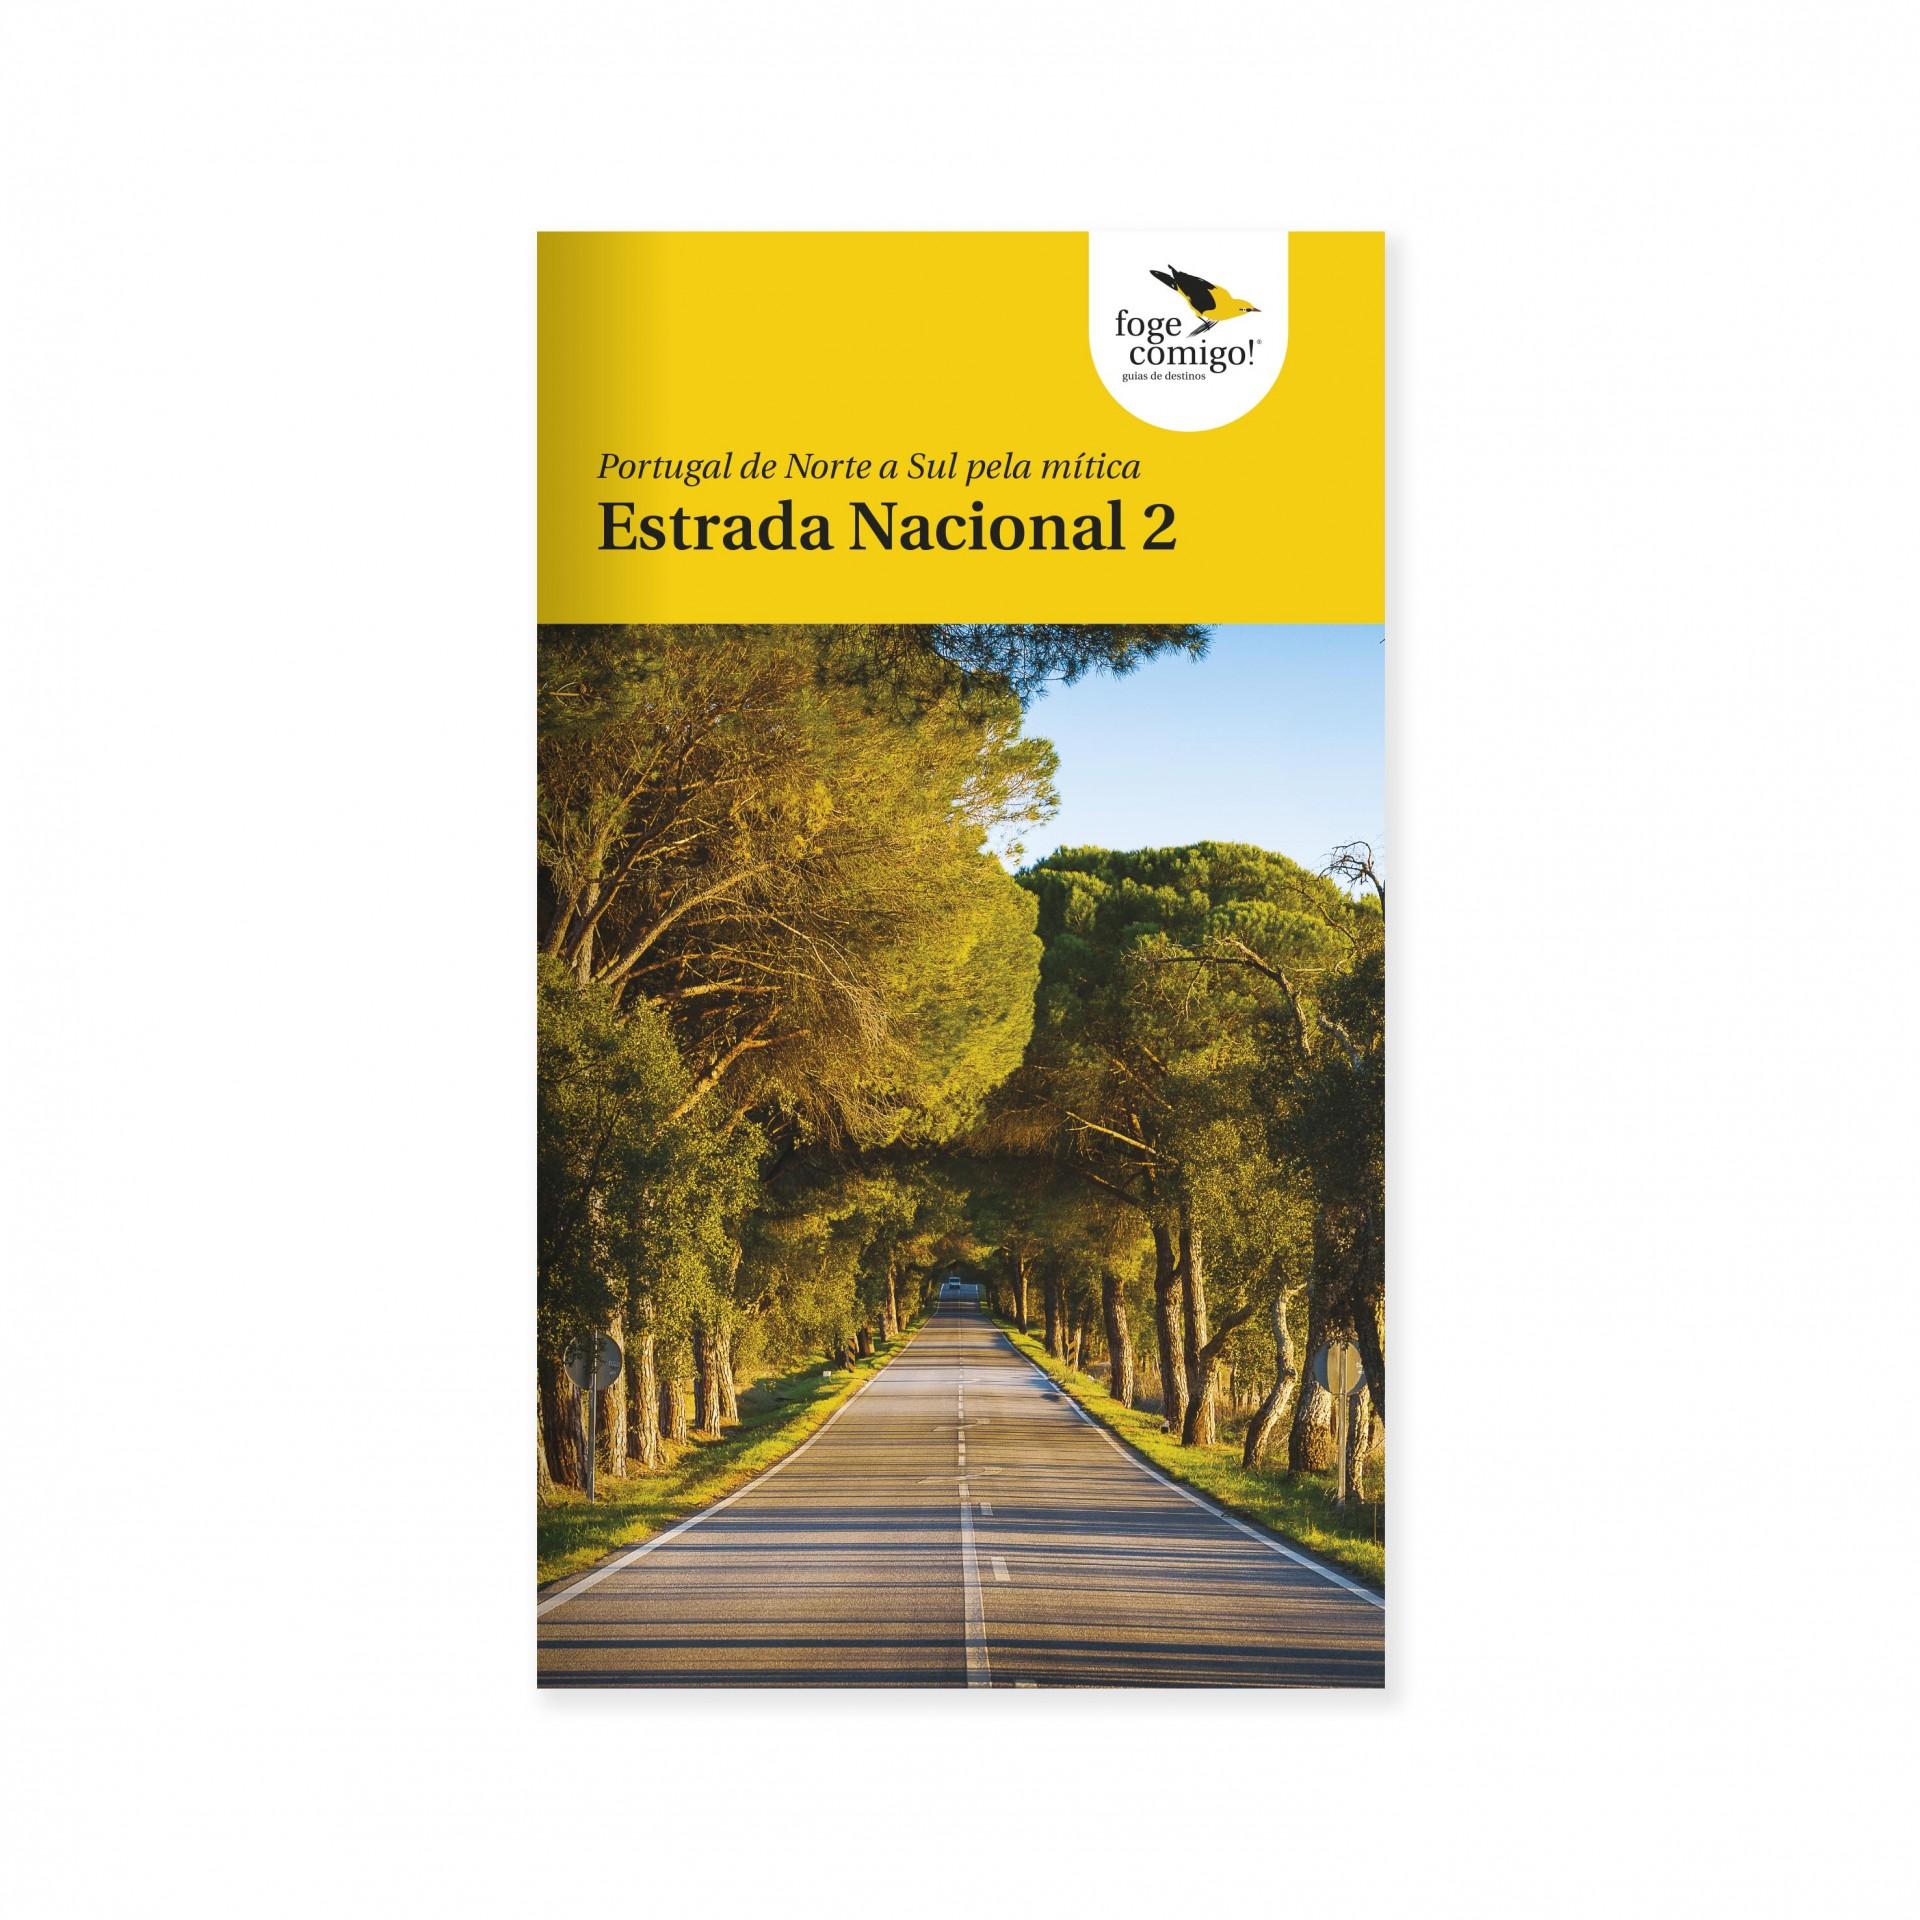 NOTA EDITORIAL | Guia da Estrada Nacional 2 (guias tocados + nova edição)